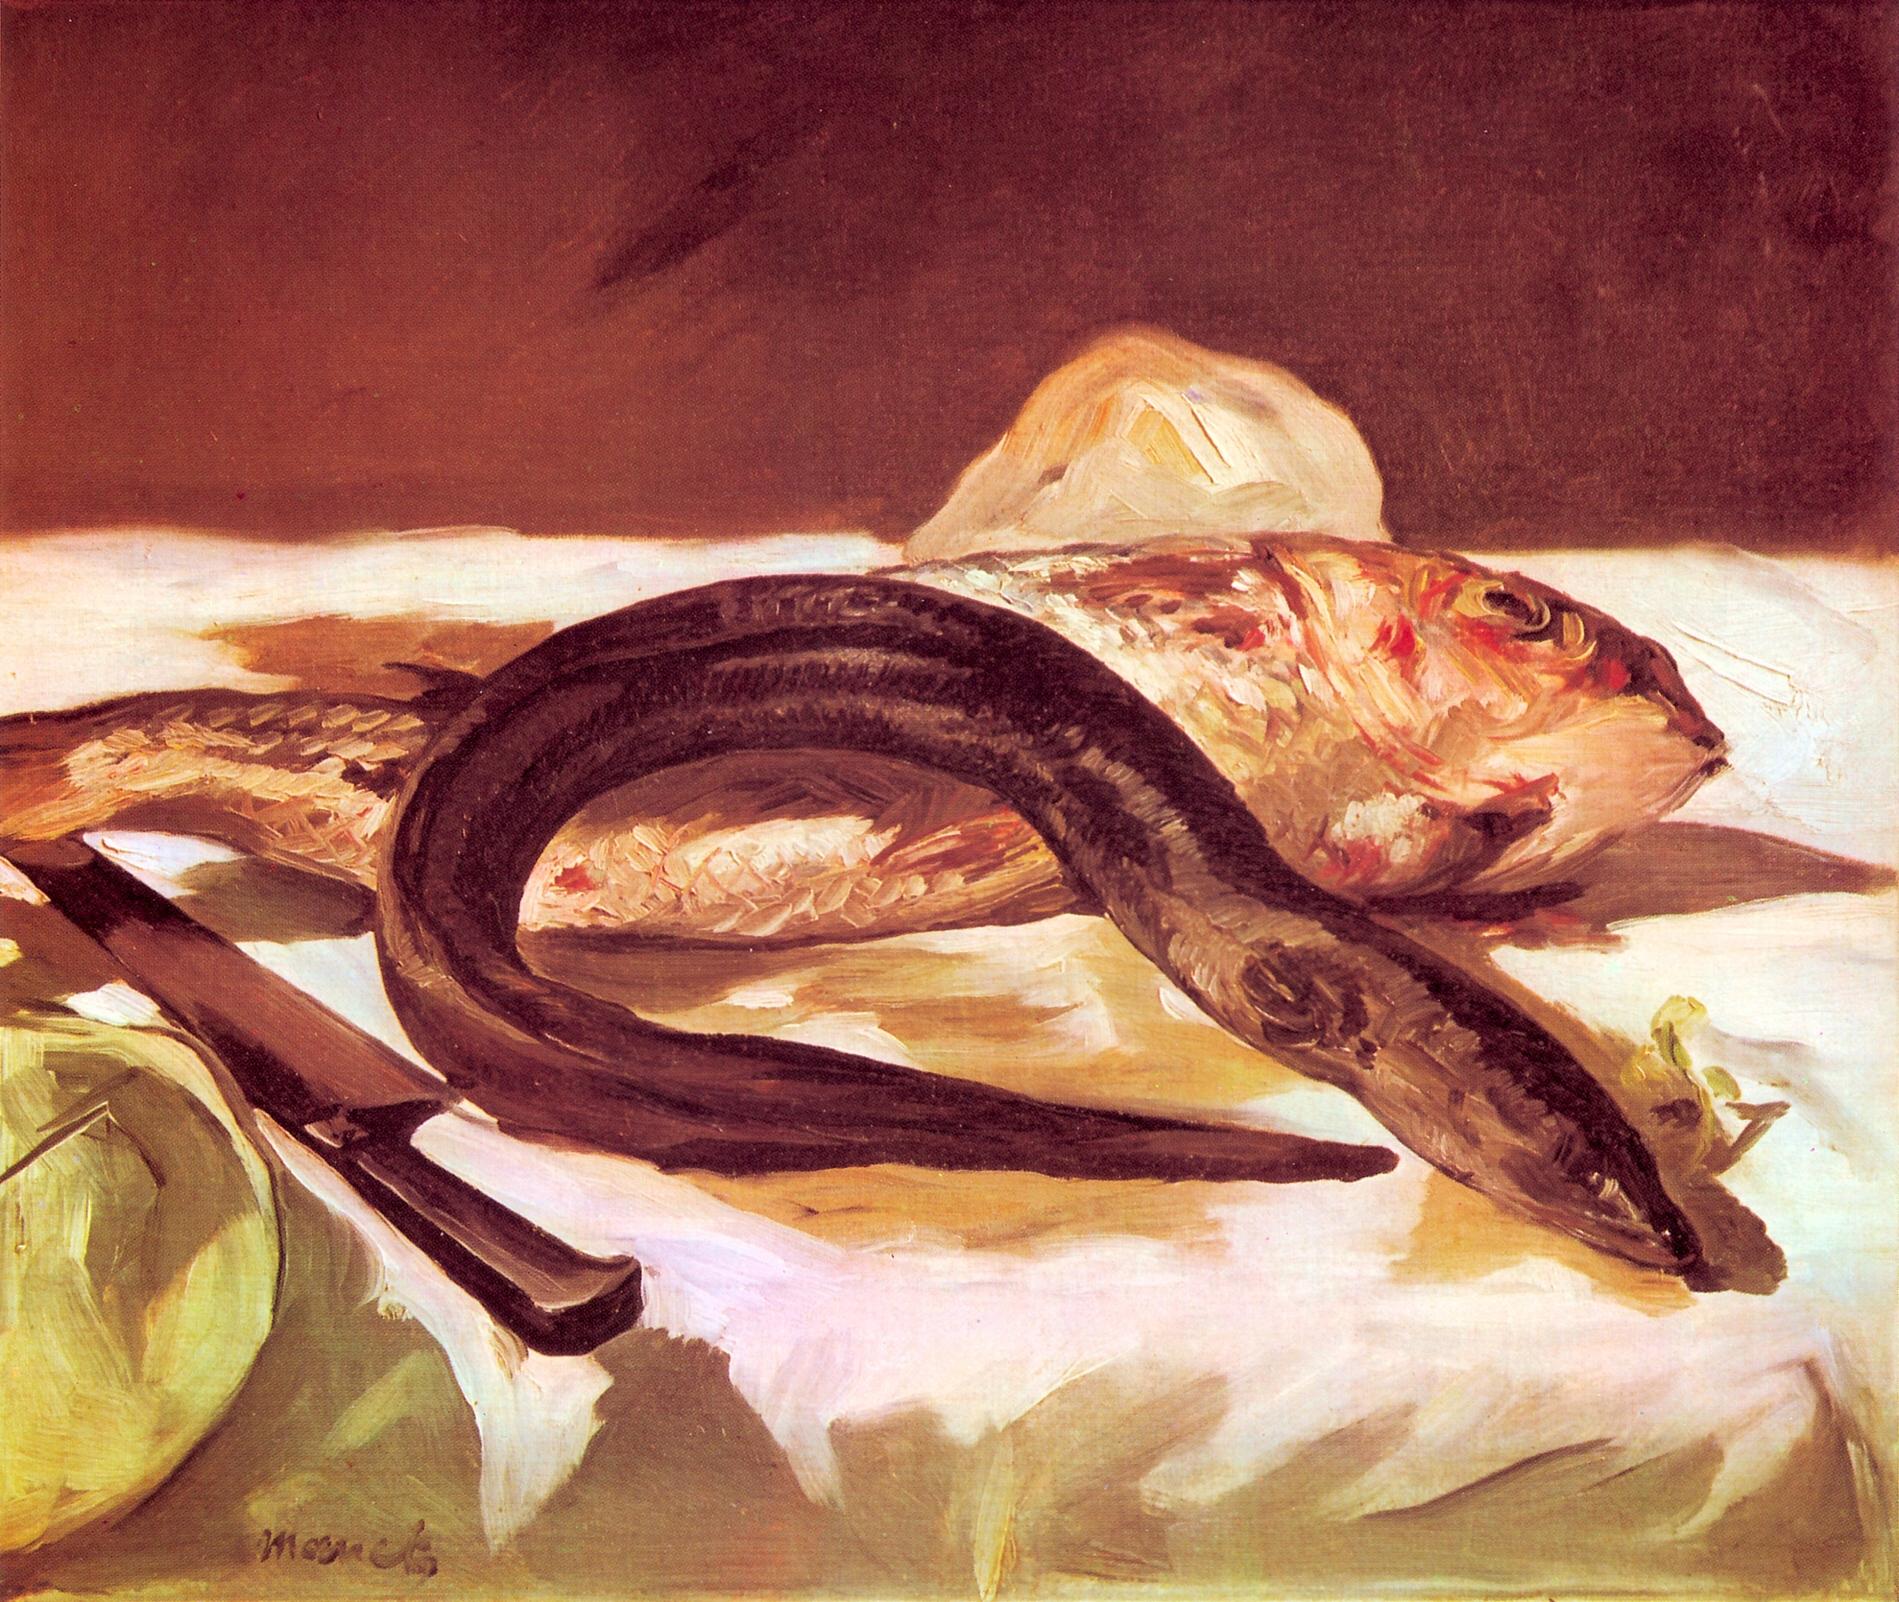 Художник Эдуард Мане Edouard Manet Угорь и барабулька Eel and Red Mullet пейзажи природы Альберт Сафиуллин